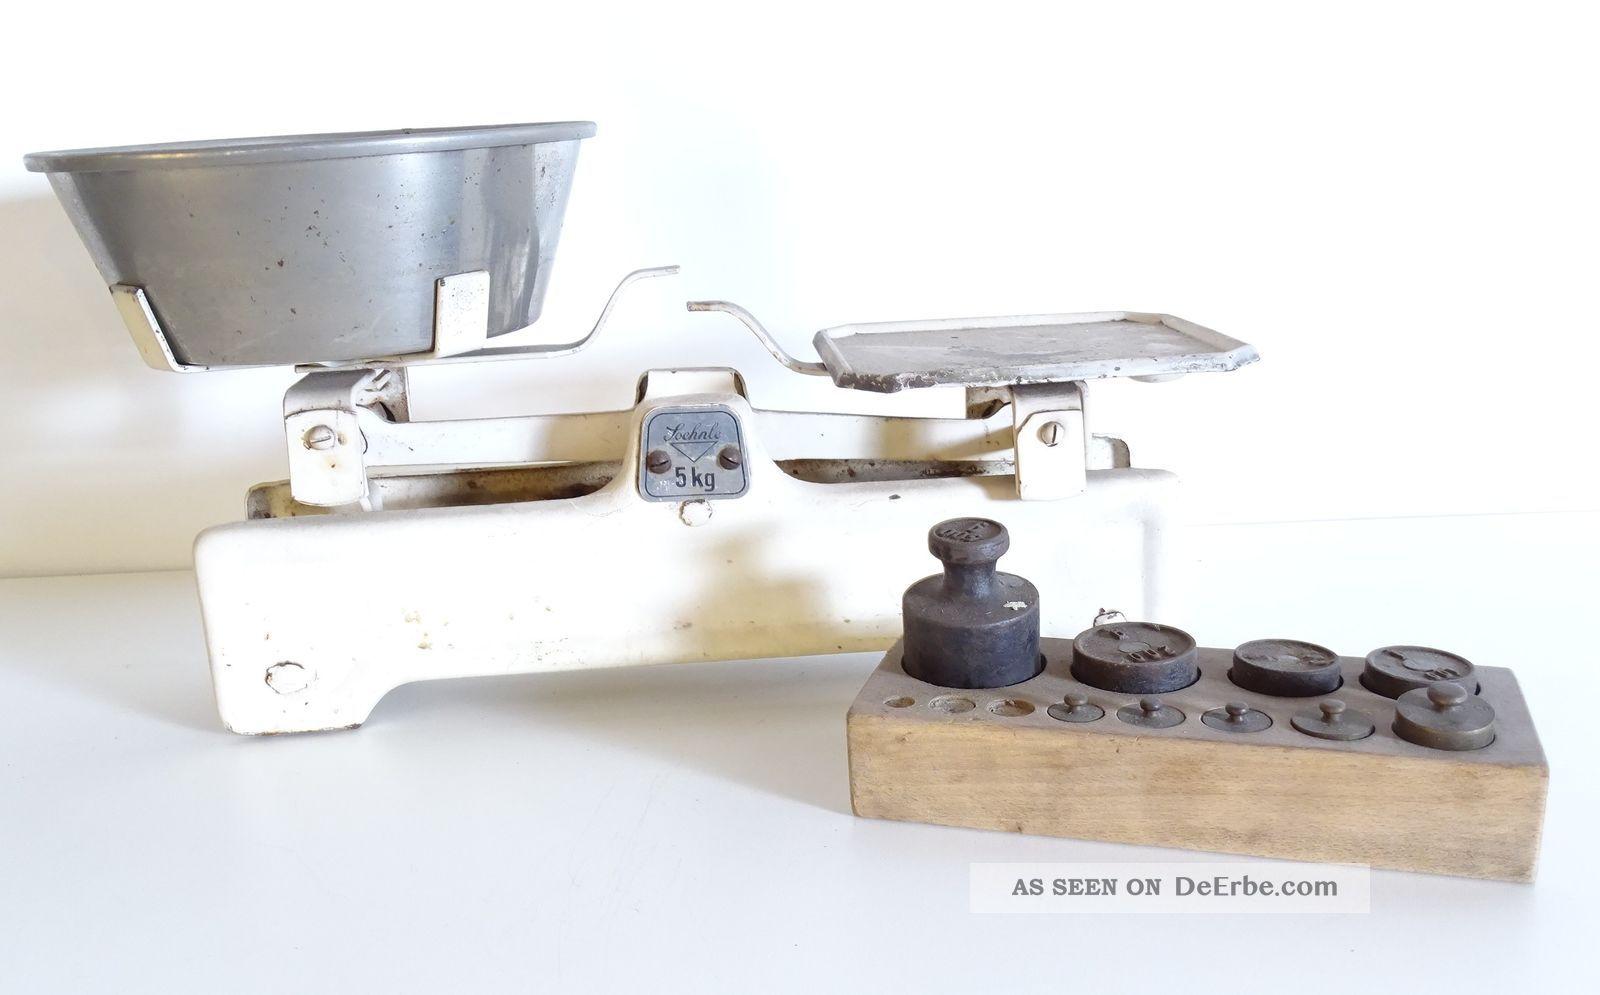 Antike Soehnle 5kg Marktwaage Waage Mit Antikem Gewichtesatz Rarität Kaufleute & Krämer Bild